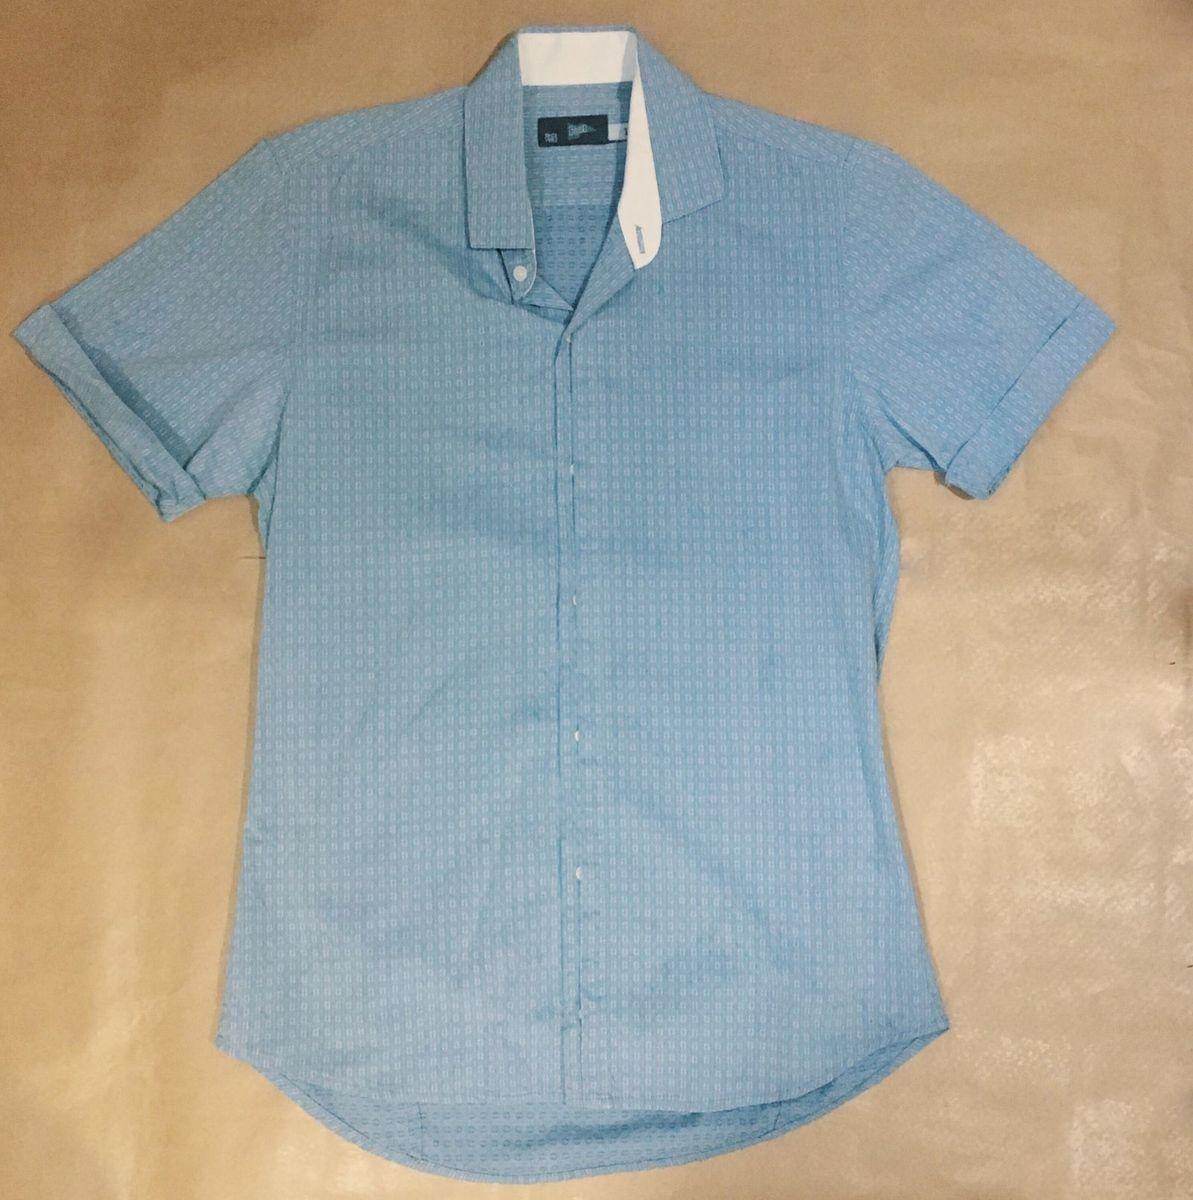 61918ff8d camisa pool - camisas pool.  Czm6ly9wag90b3muzw5qb2vplmnvbs5ici9wcm9kdwn0cy8xmdqzotezl2yzyzezmjbjzjkzmwq3ogzin2q2oddmngu3mjmxyjm4lmpwzw  ...